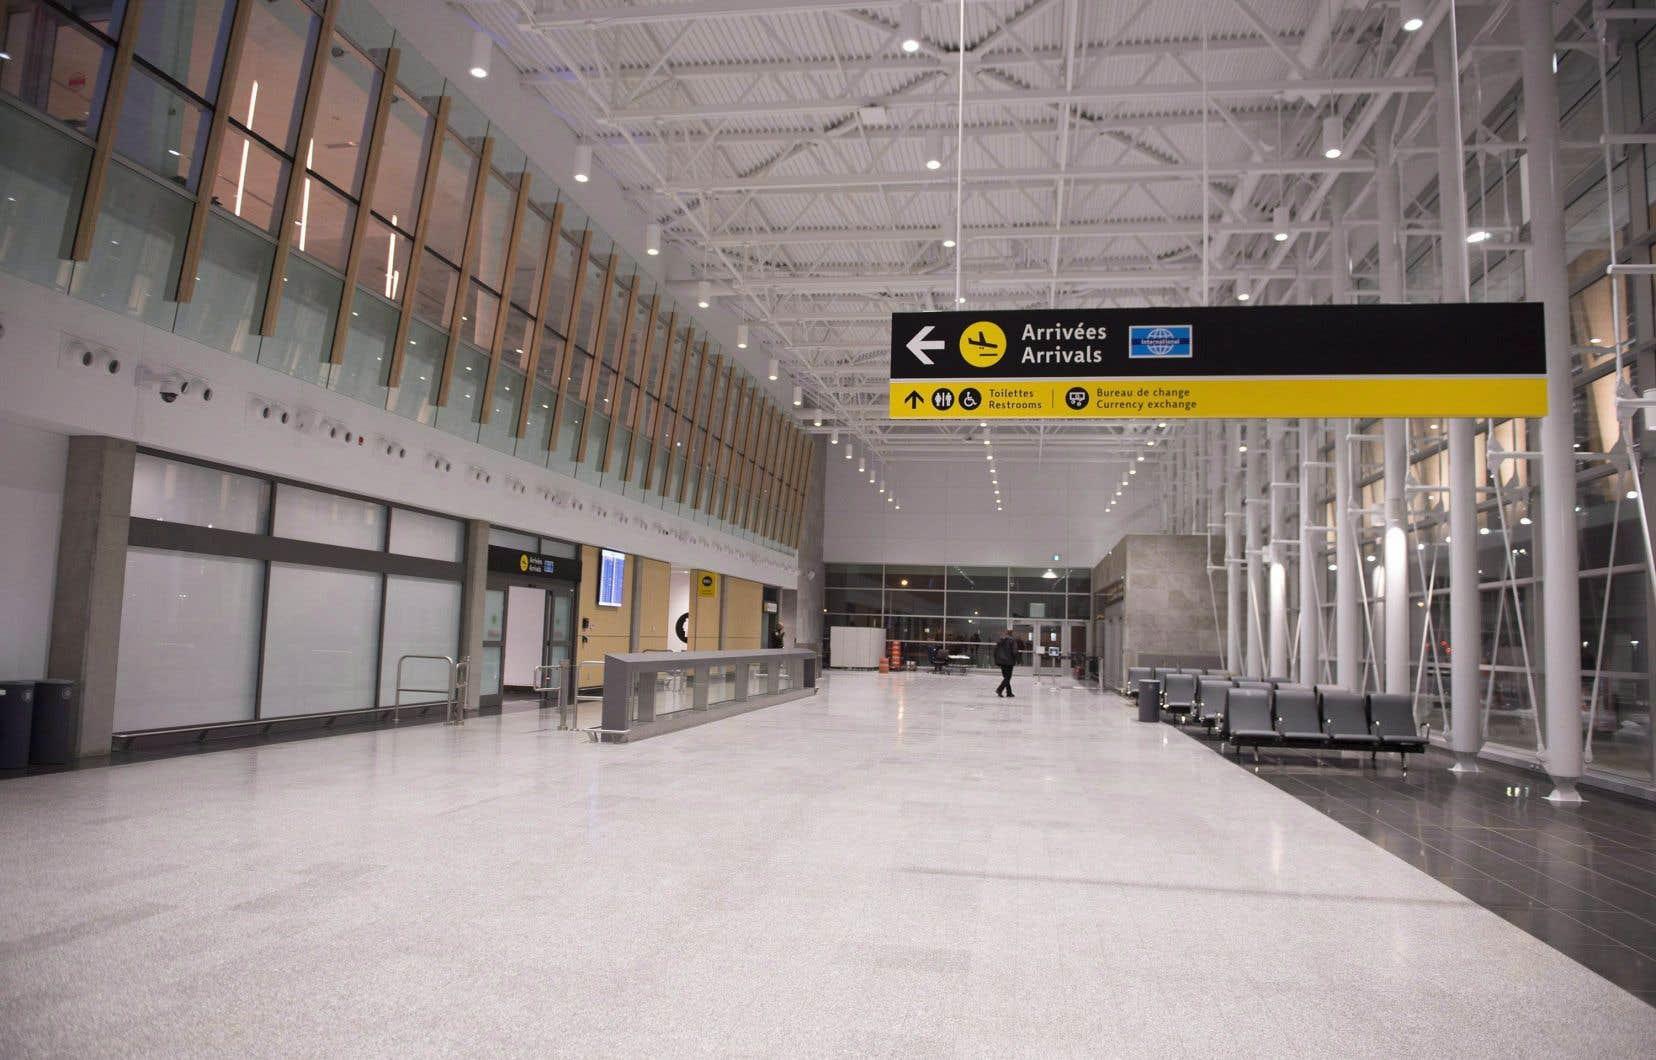 L aéroport de québec desservi par bus dès juin le devoir